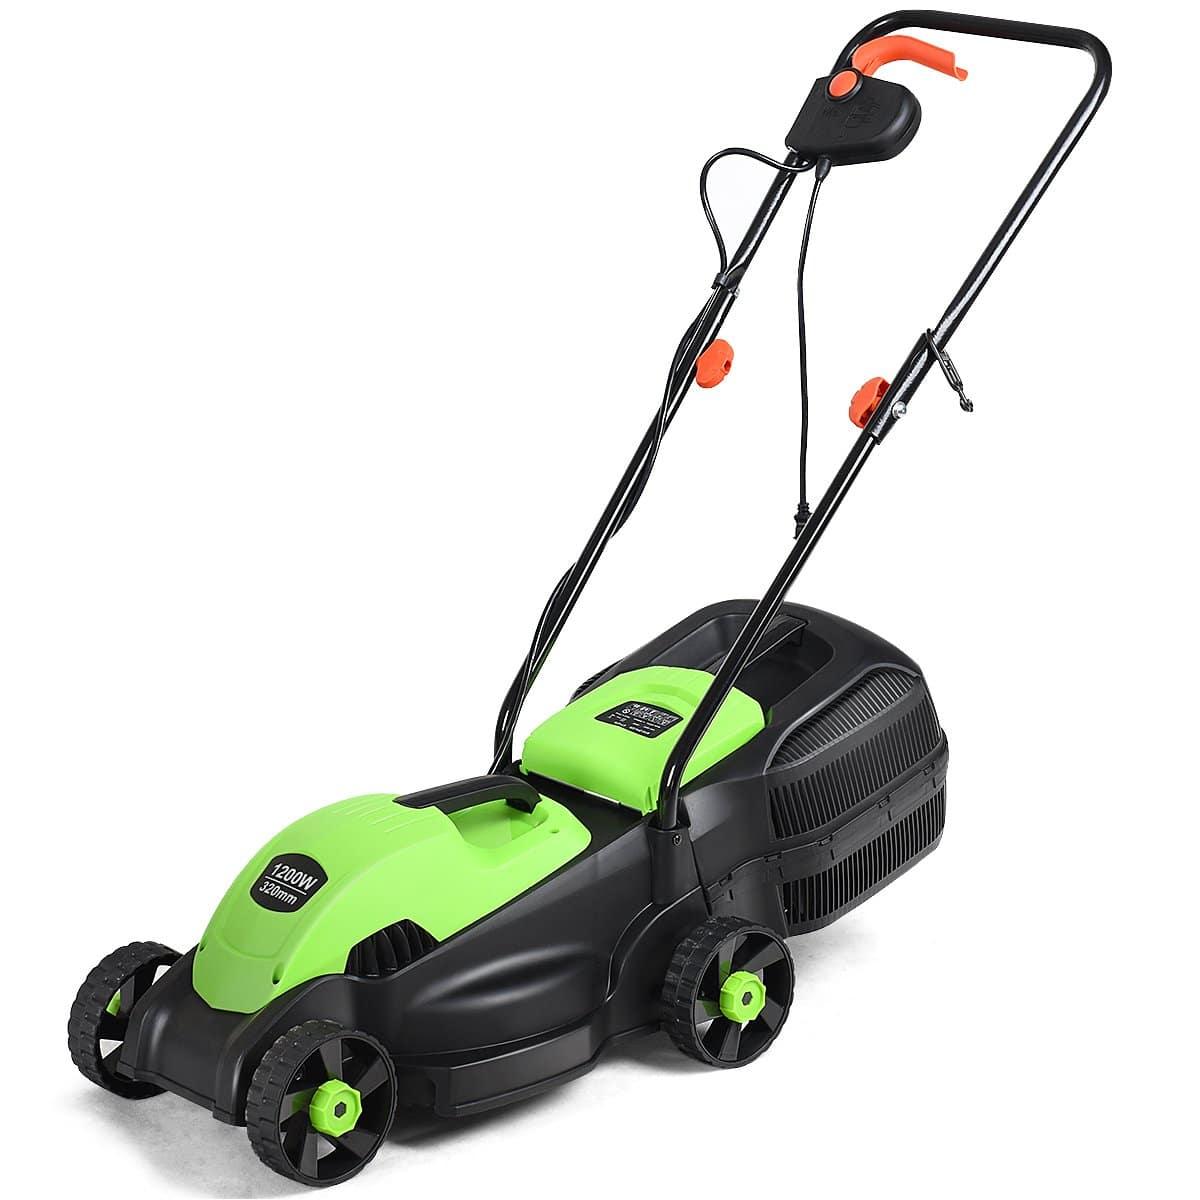 Goplus 14-Inch 12 Amp Lawn Mower